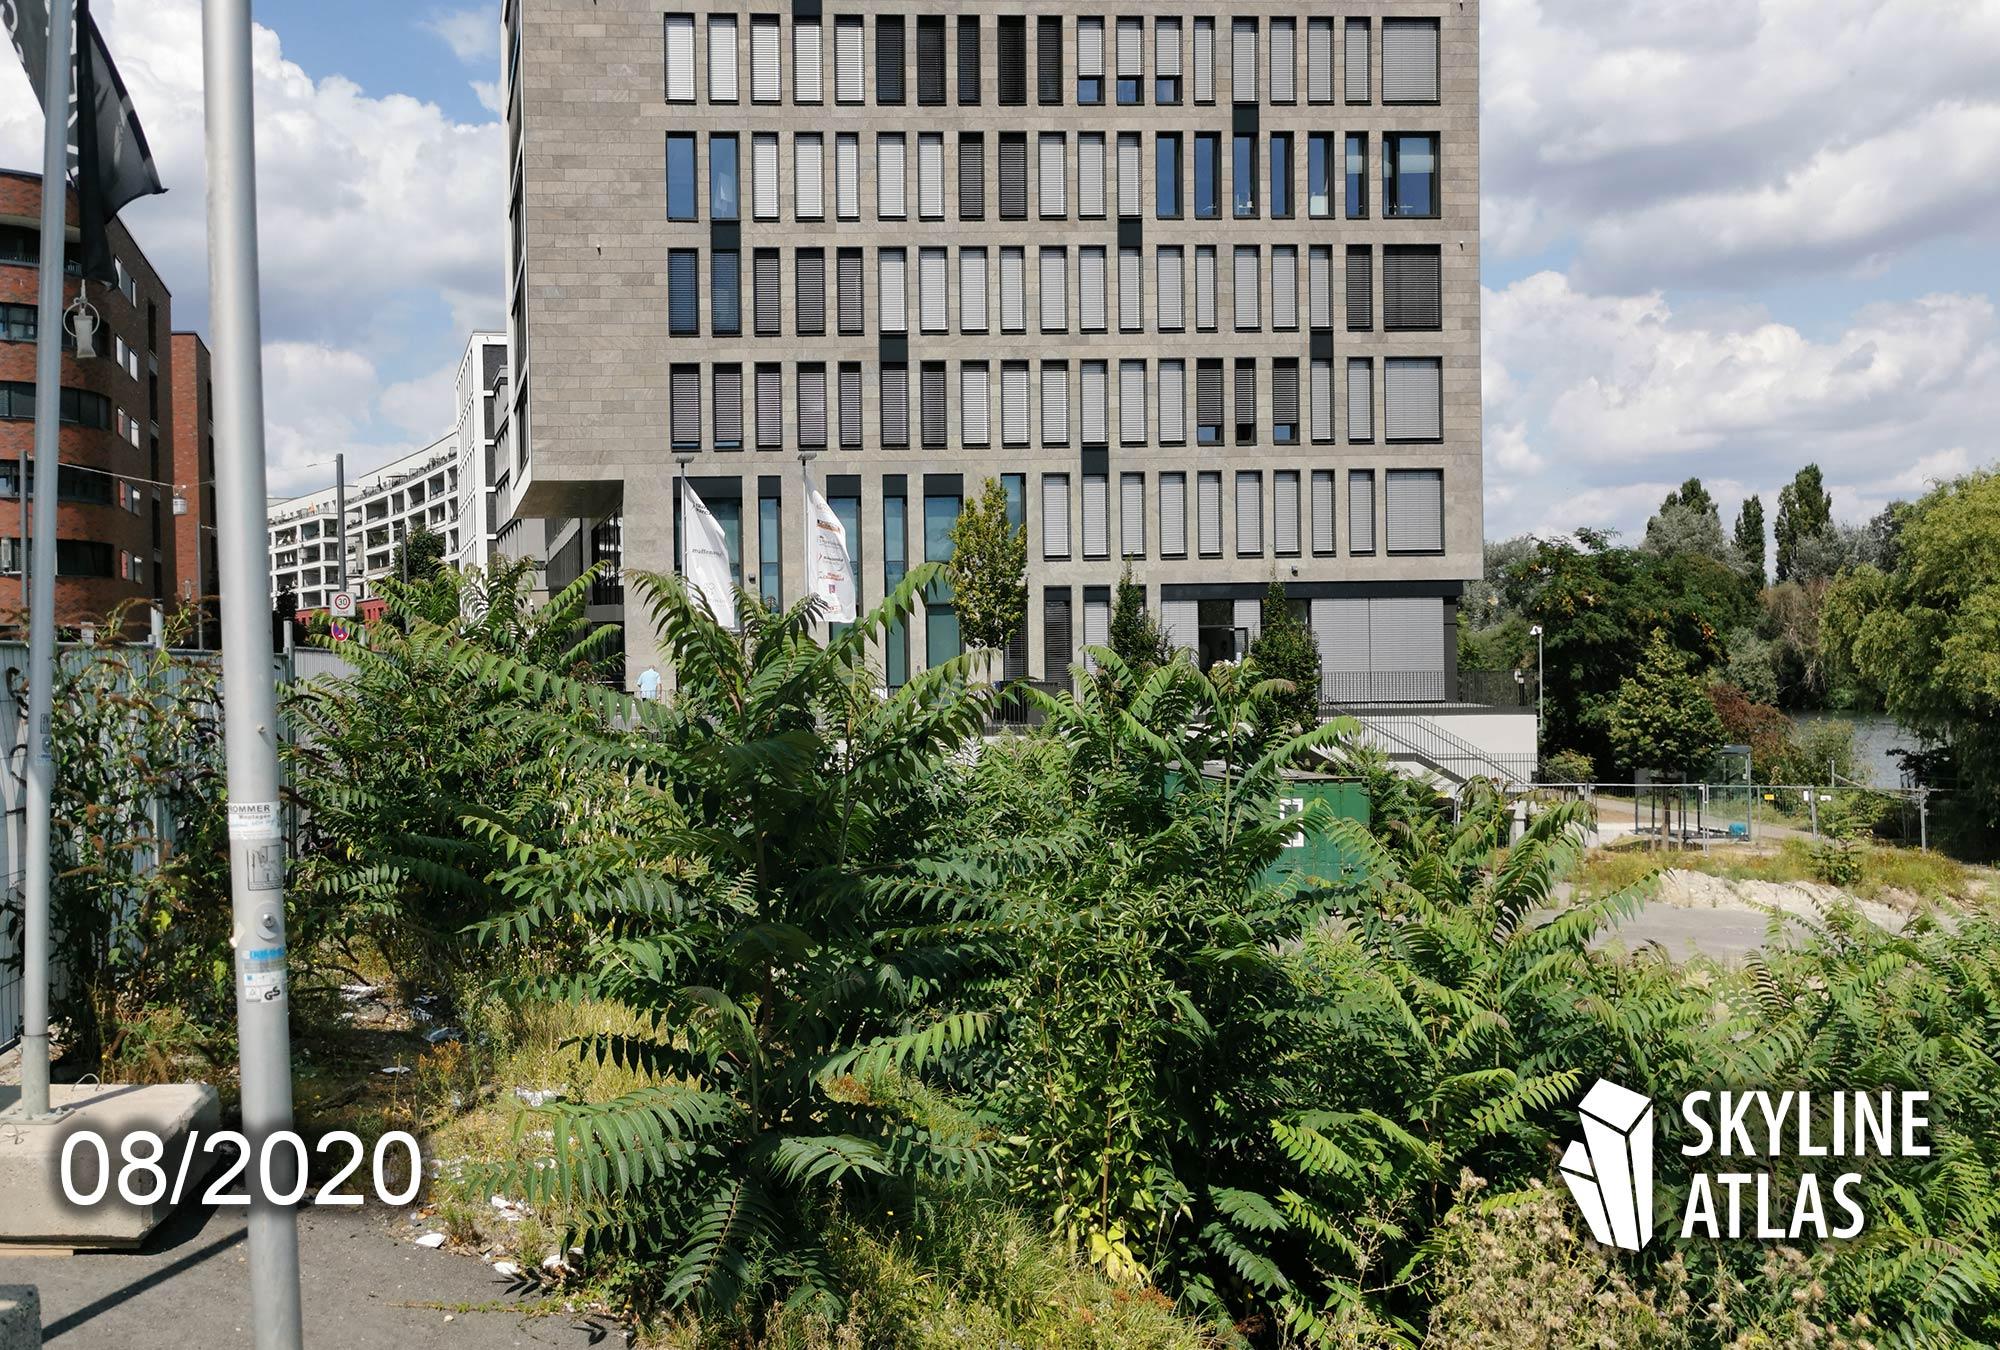 Wave Offenbach - Hochhaus vom Projektentwickler Eyemaxx Real Estate AG - Baustelle und Baufortschritt im August 2020 - Architekt Meixner Schlüter Wendt - Wayv August 2020 - Main East Gate Offenbach